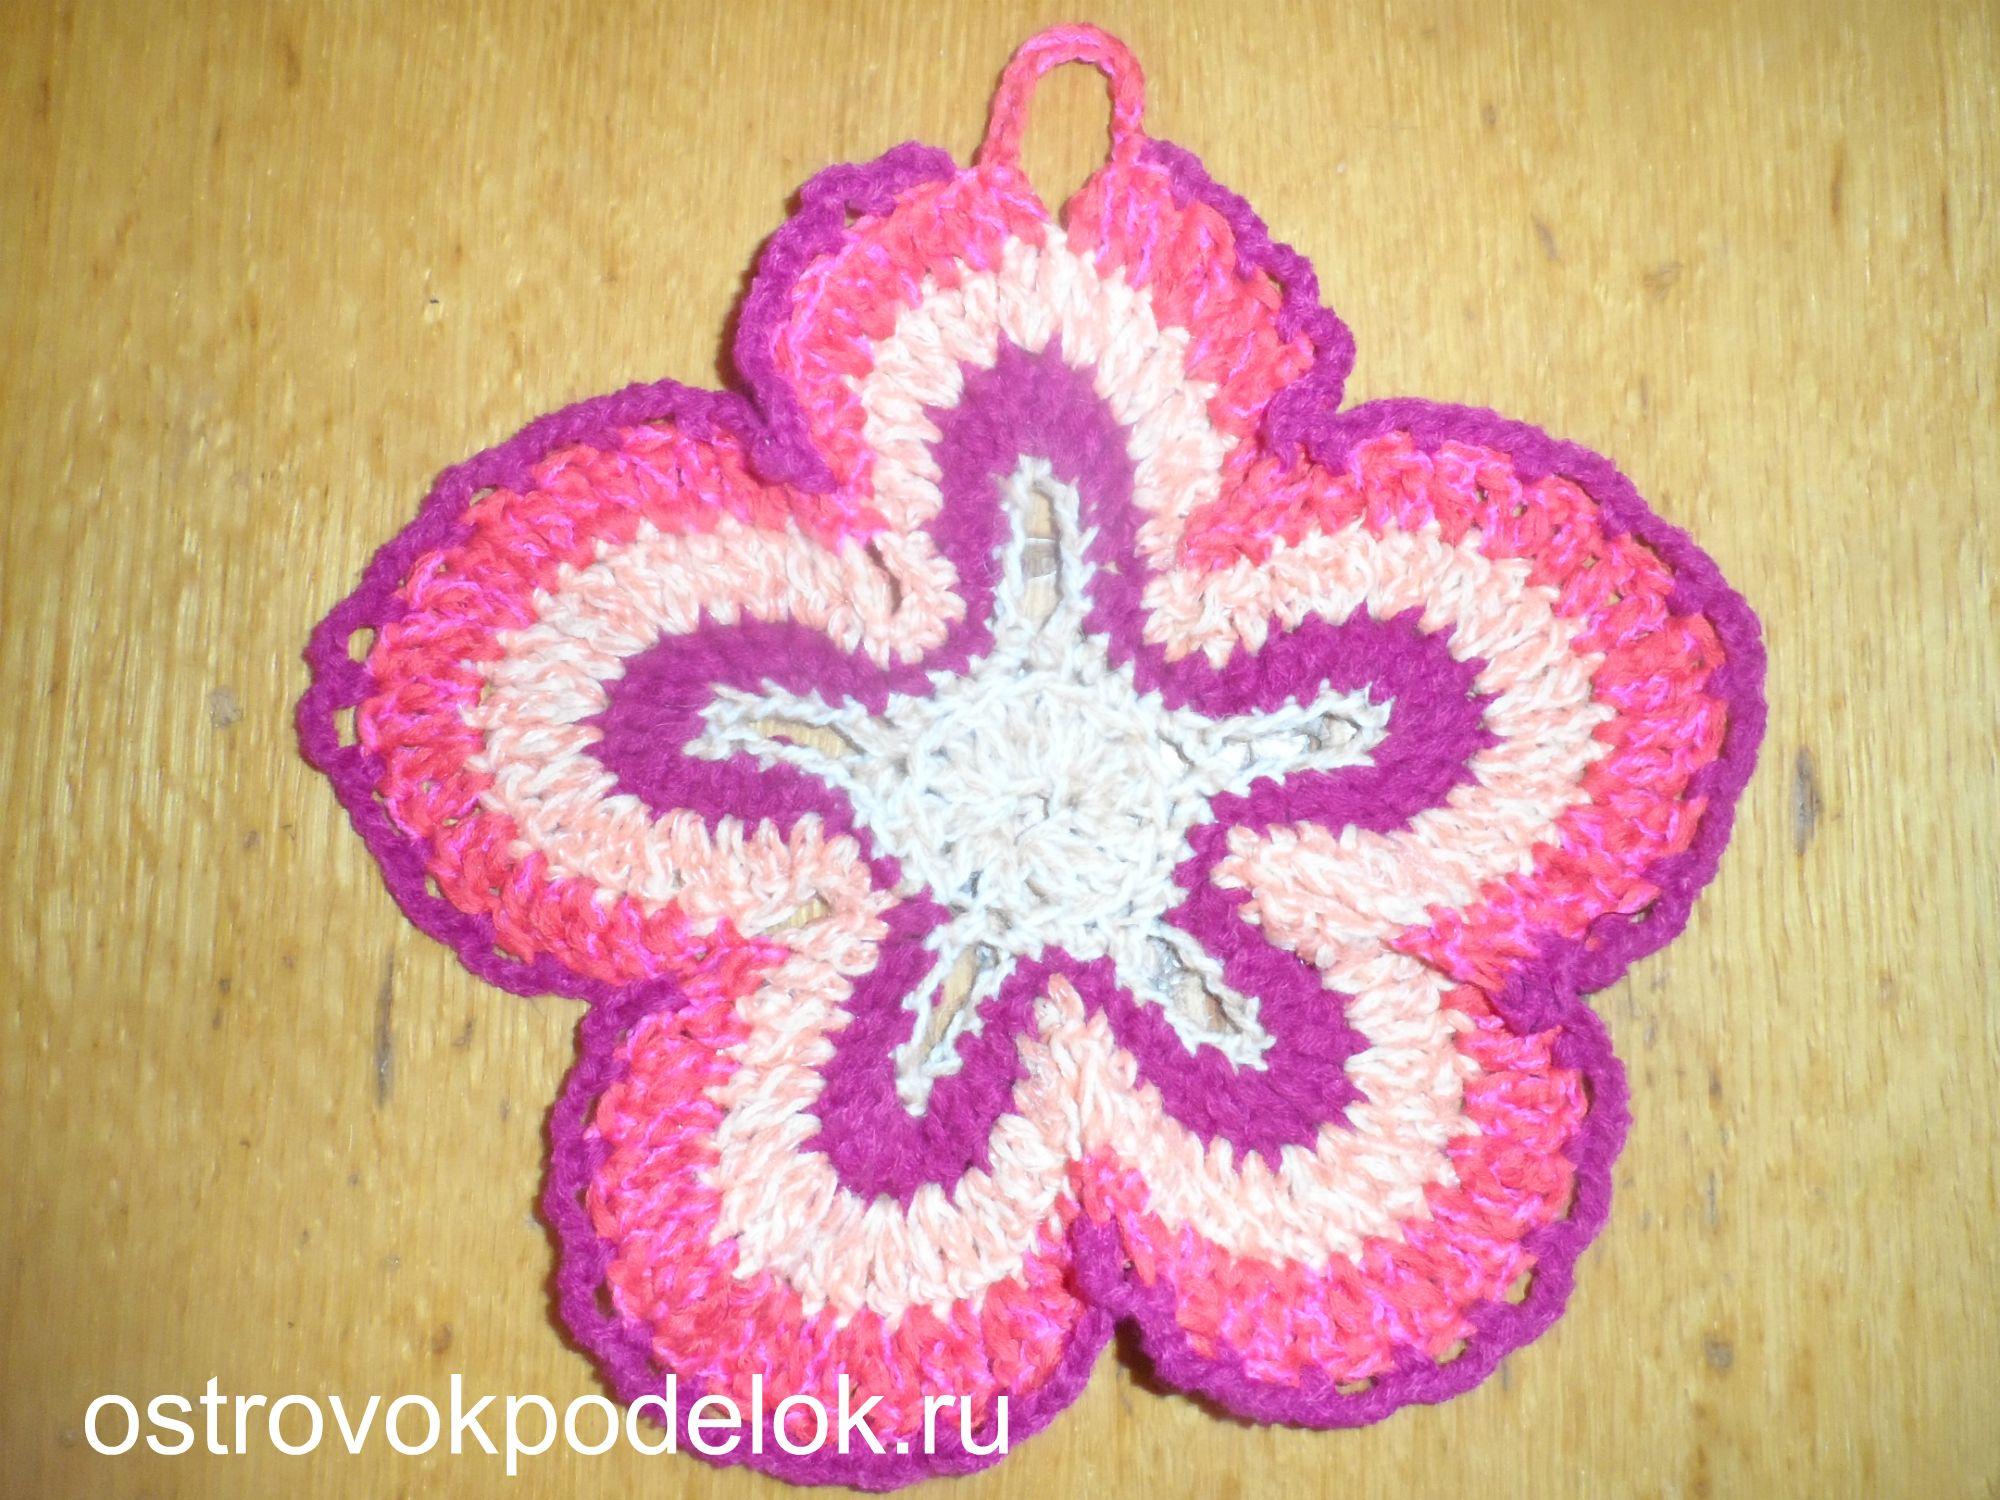 Вязание крючком прихватки с цветами 101